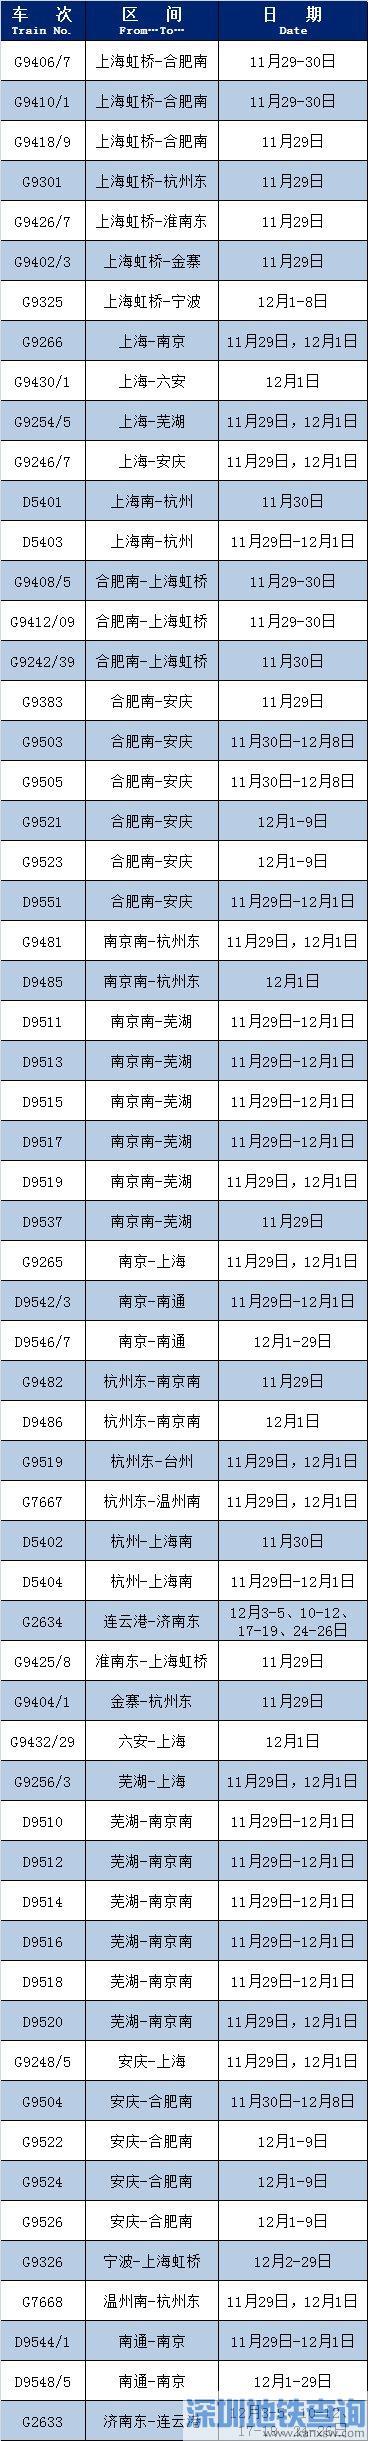 2019年11月、12月动车组增开信息一览表